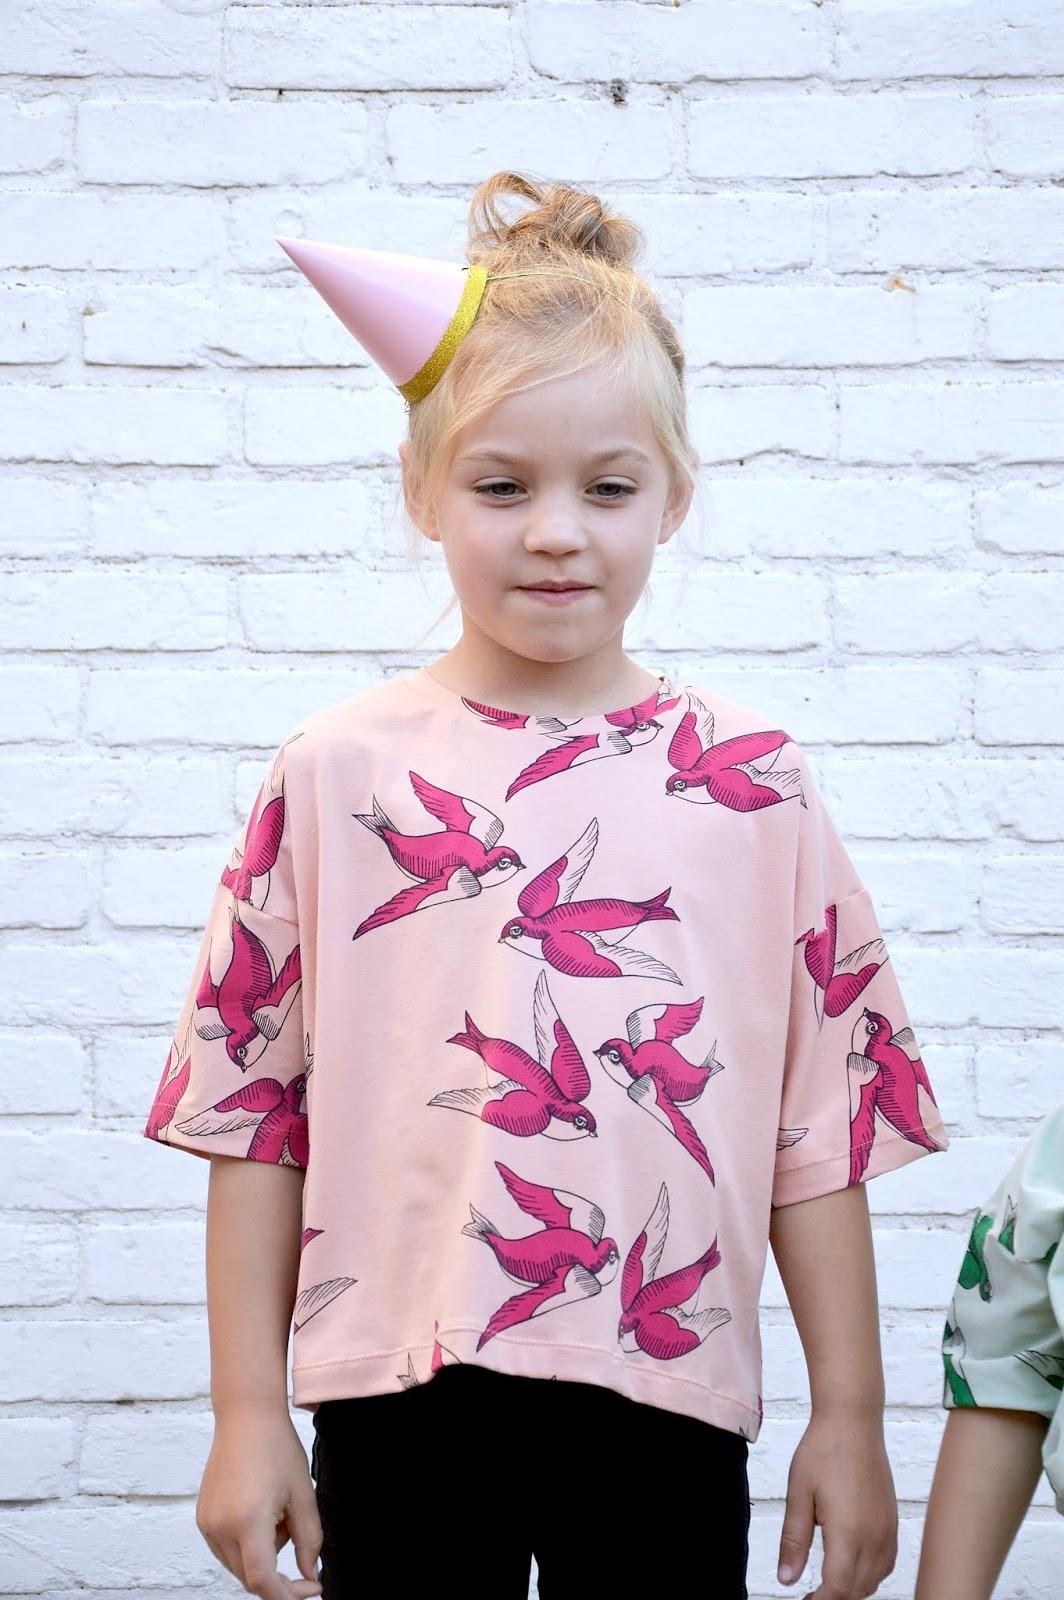 Smospotten en snoesjes: Nelly jurk en naveltruitje: een